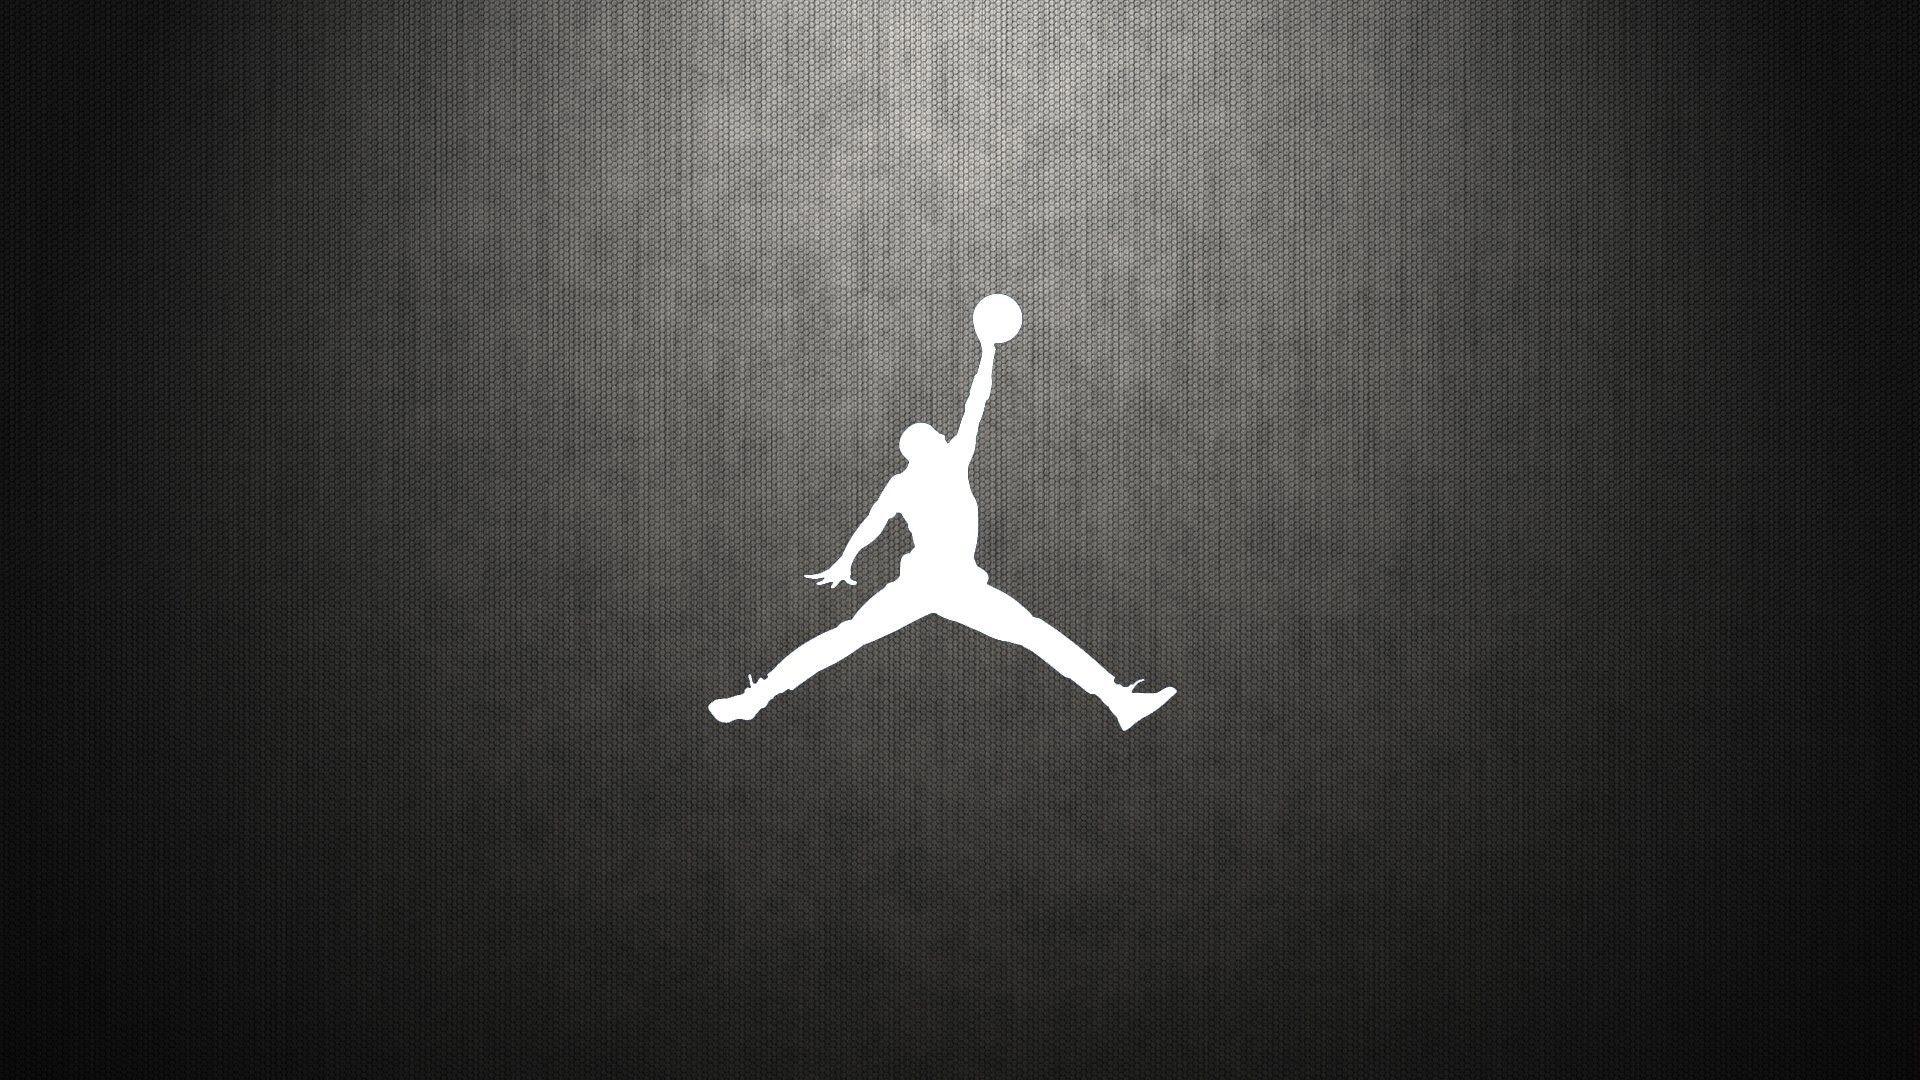 basketball hd wallpapers backgrounds wallpaper 1920Ã 1080